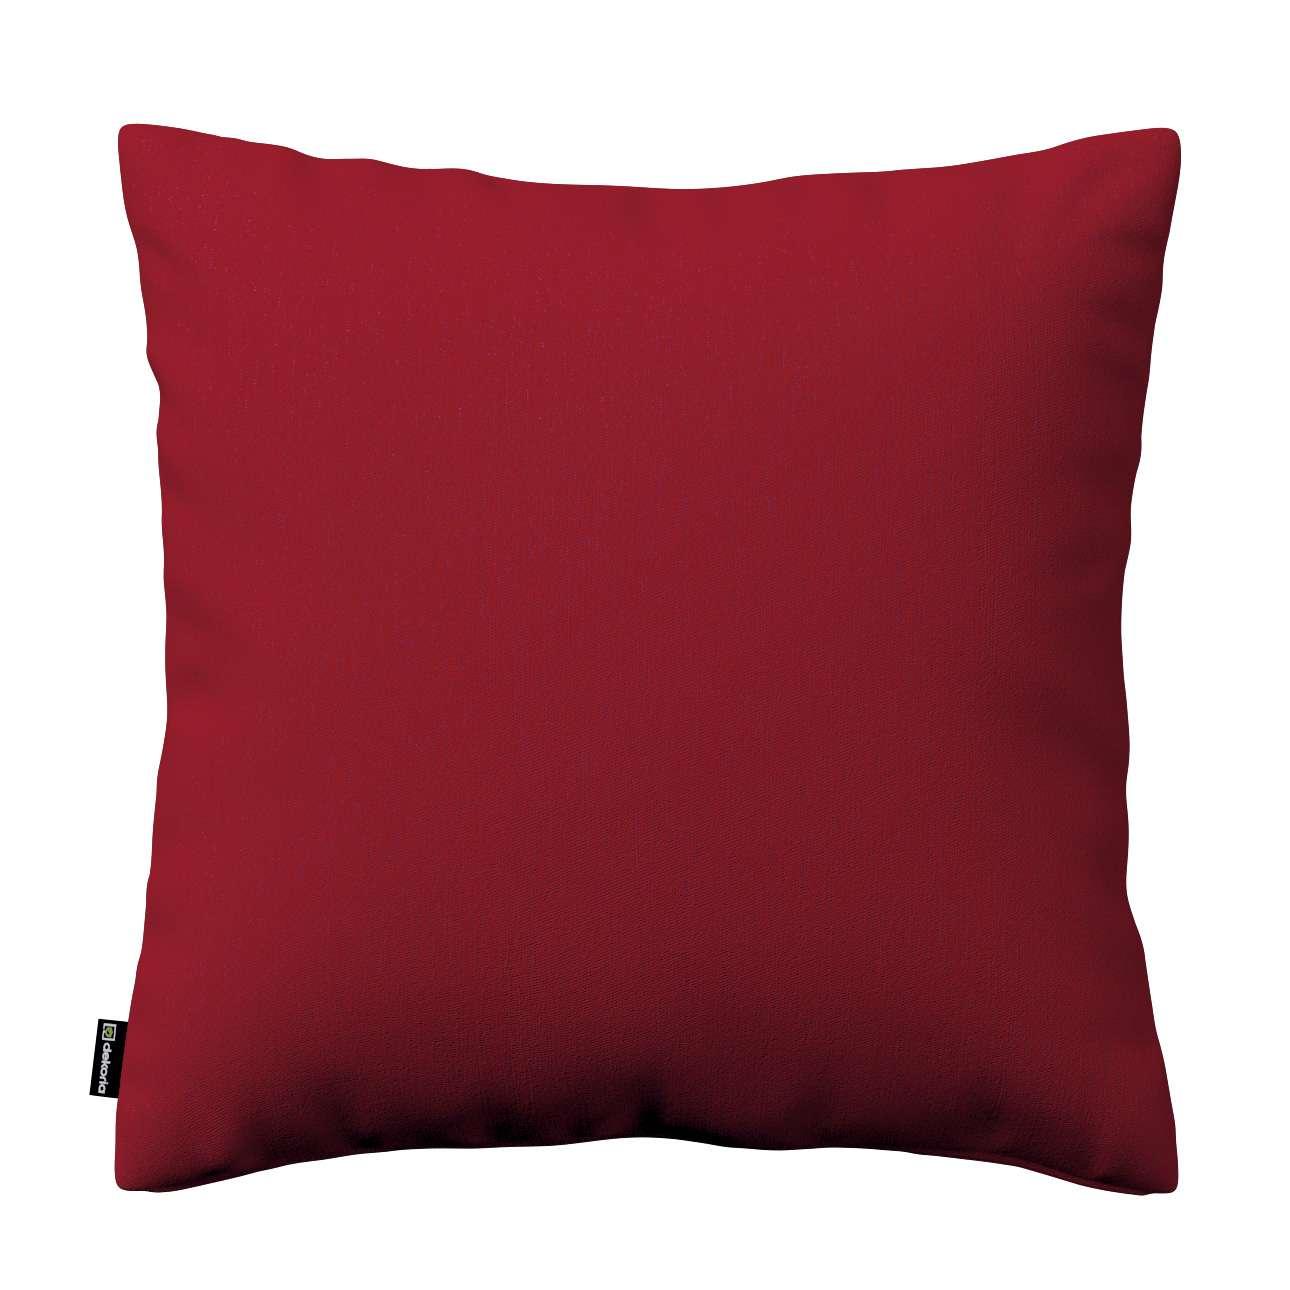 Kinga dekoratyvinės pagalvėlės užvalkalas 43 x 43 cm kolekcijoje Chenille, audinys: 702-24